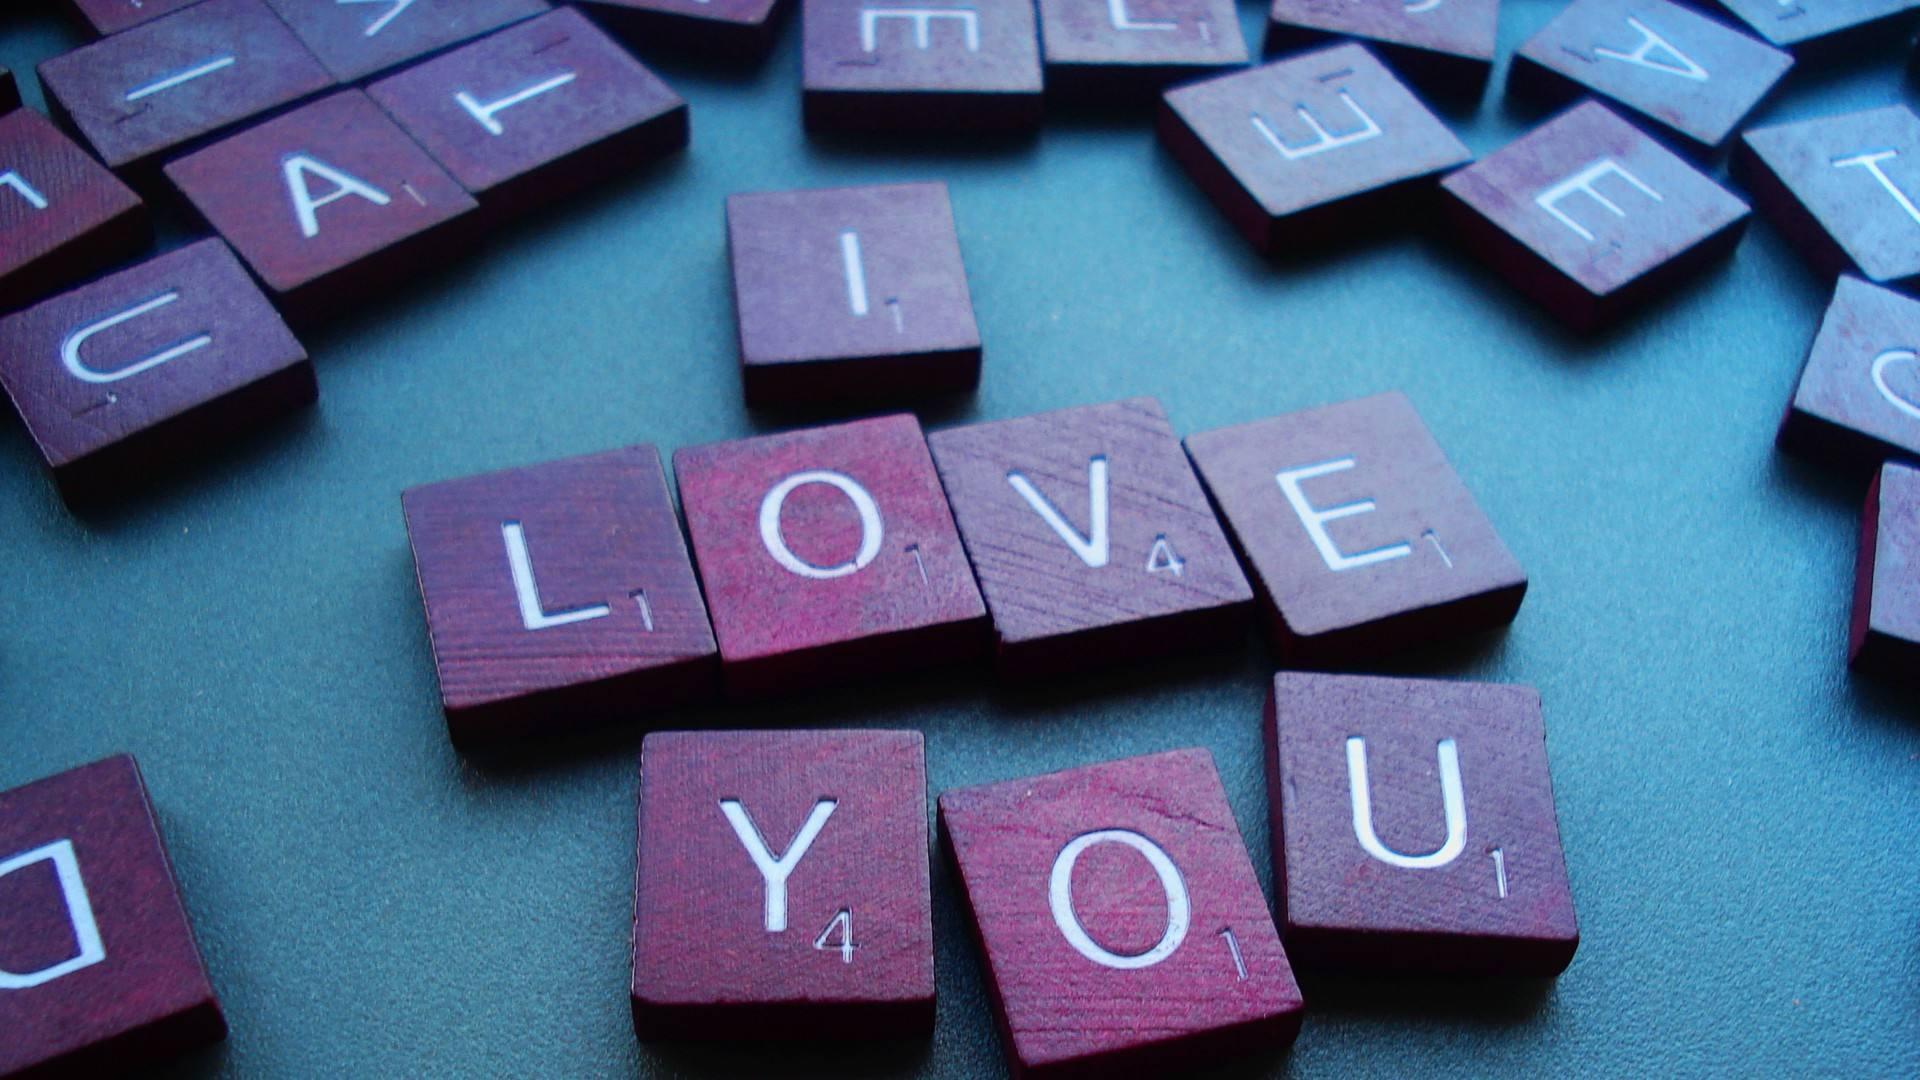 先爱自己再爱别人的心情说说语录:不要放弃看见世界美好的机会